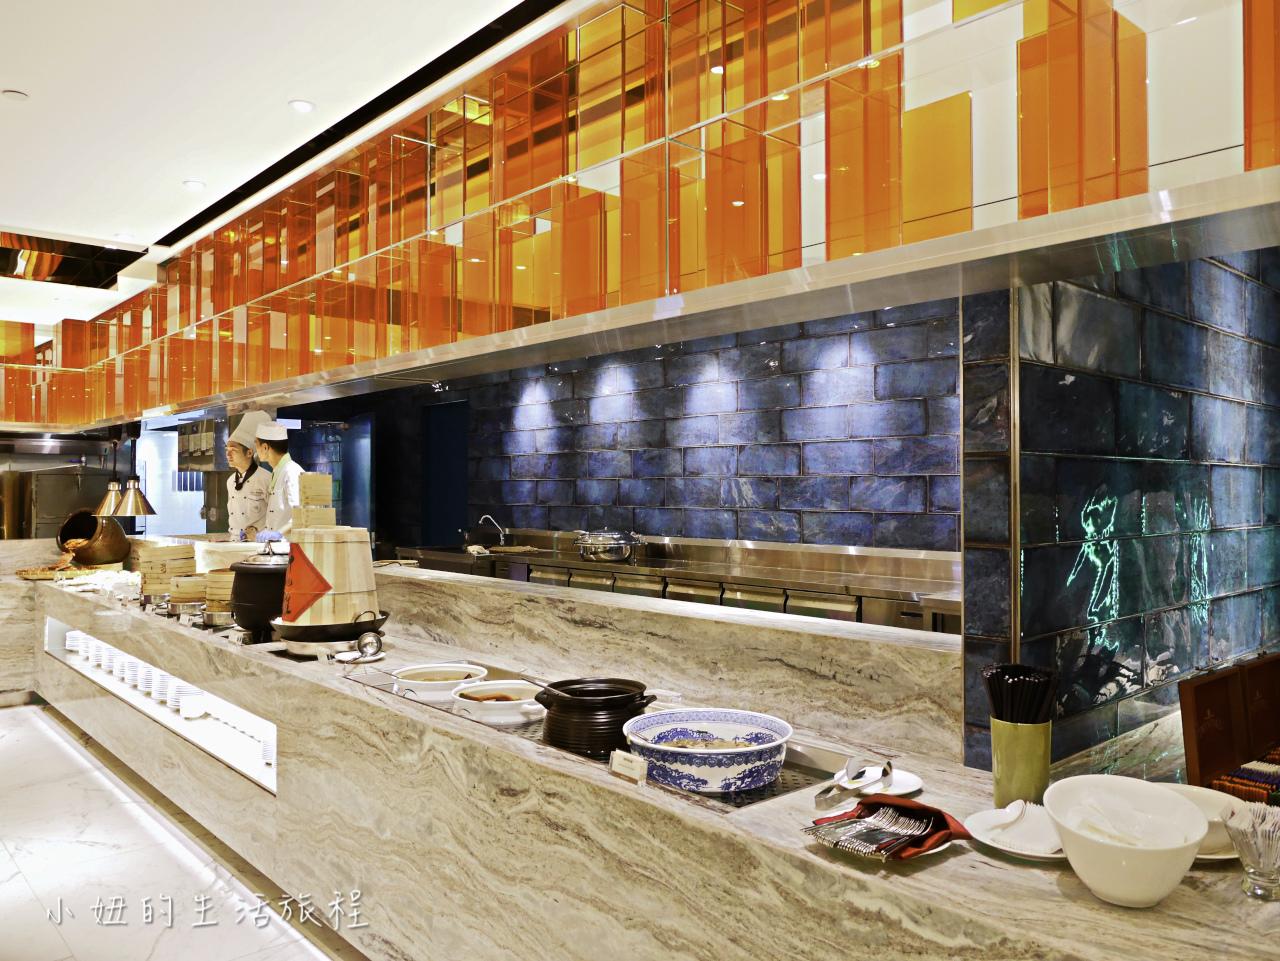 板橋凱撒大飯店,朋派自助餐-27.jpg